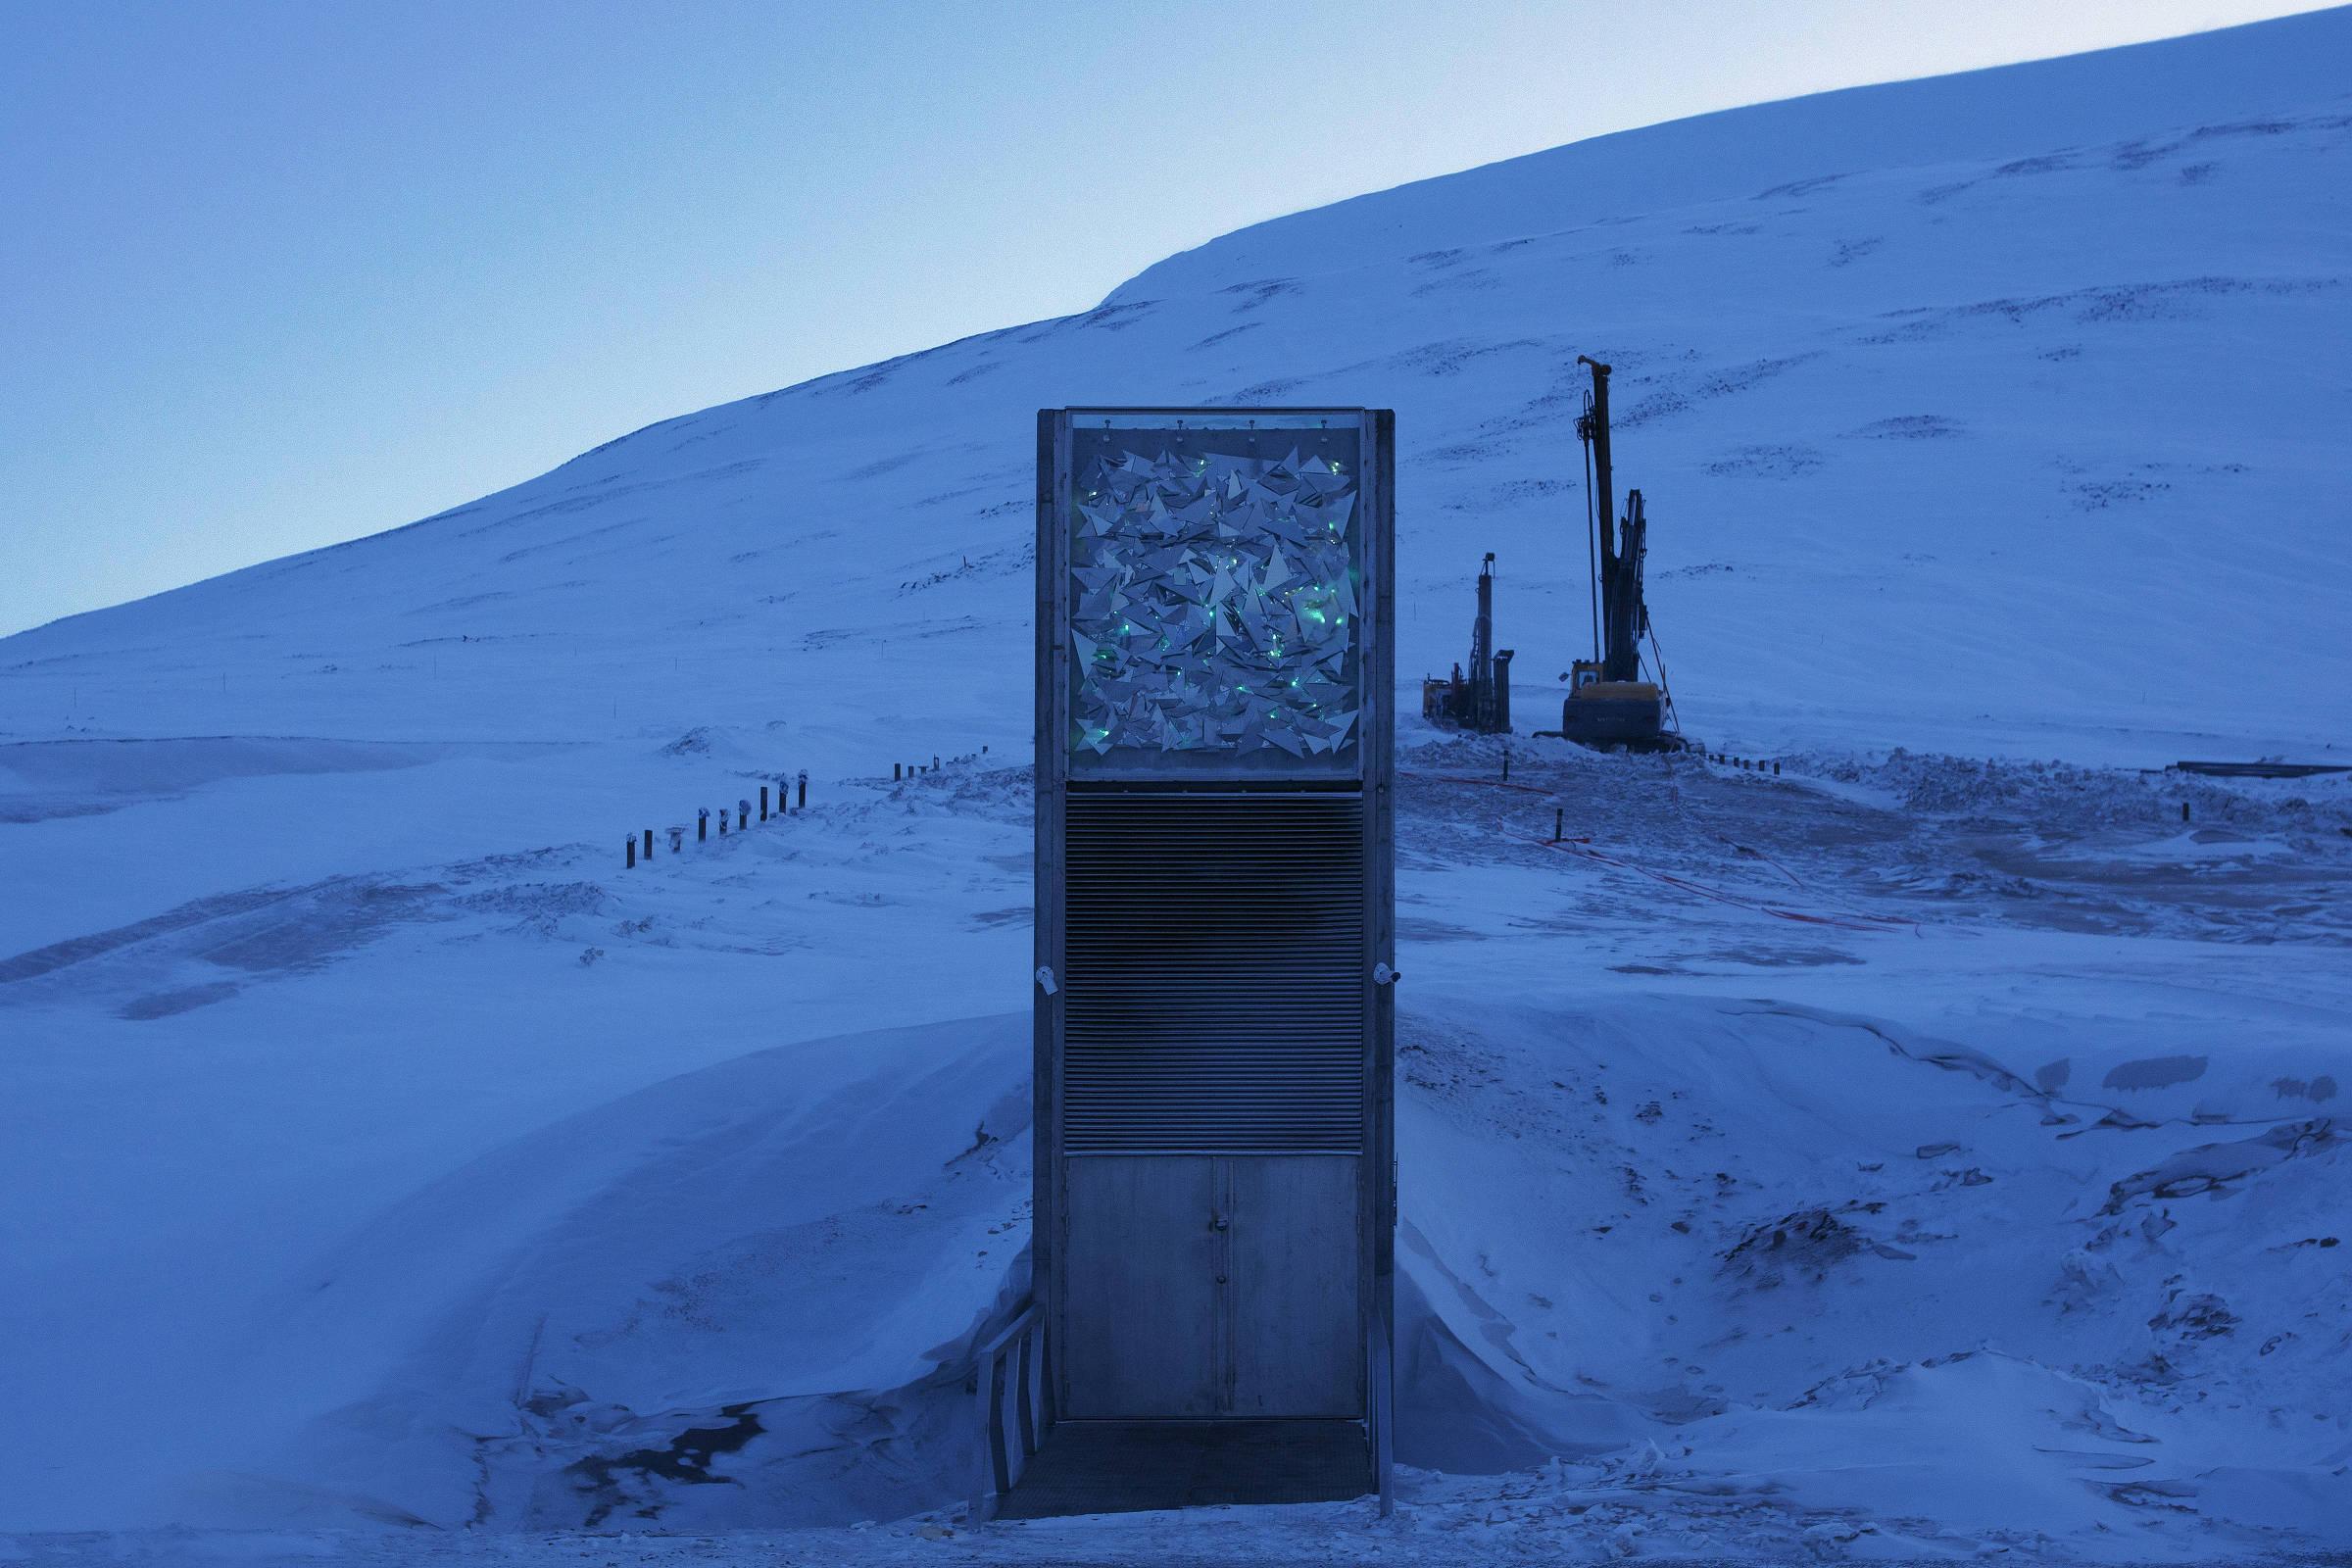 Máquinas são usadas para reforma no Cofre Global de Sementes, em Longyearbyen